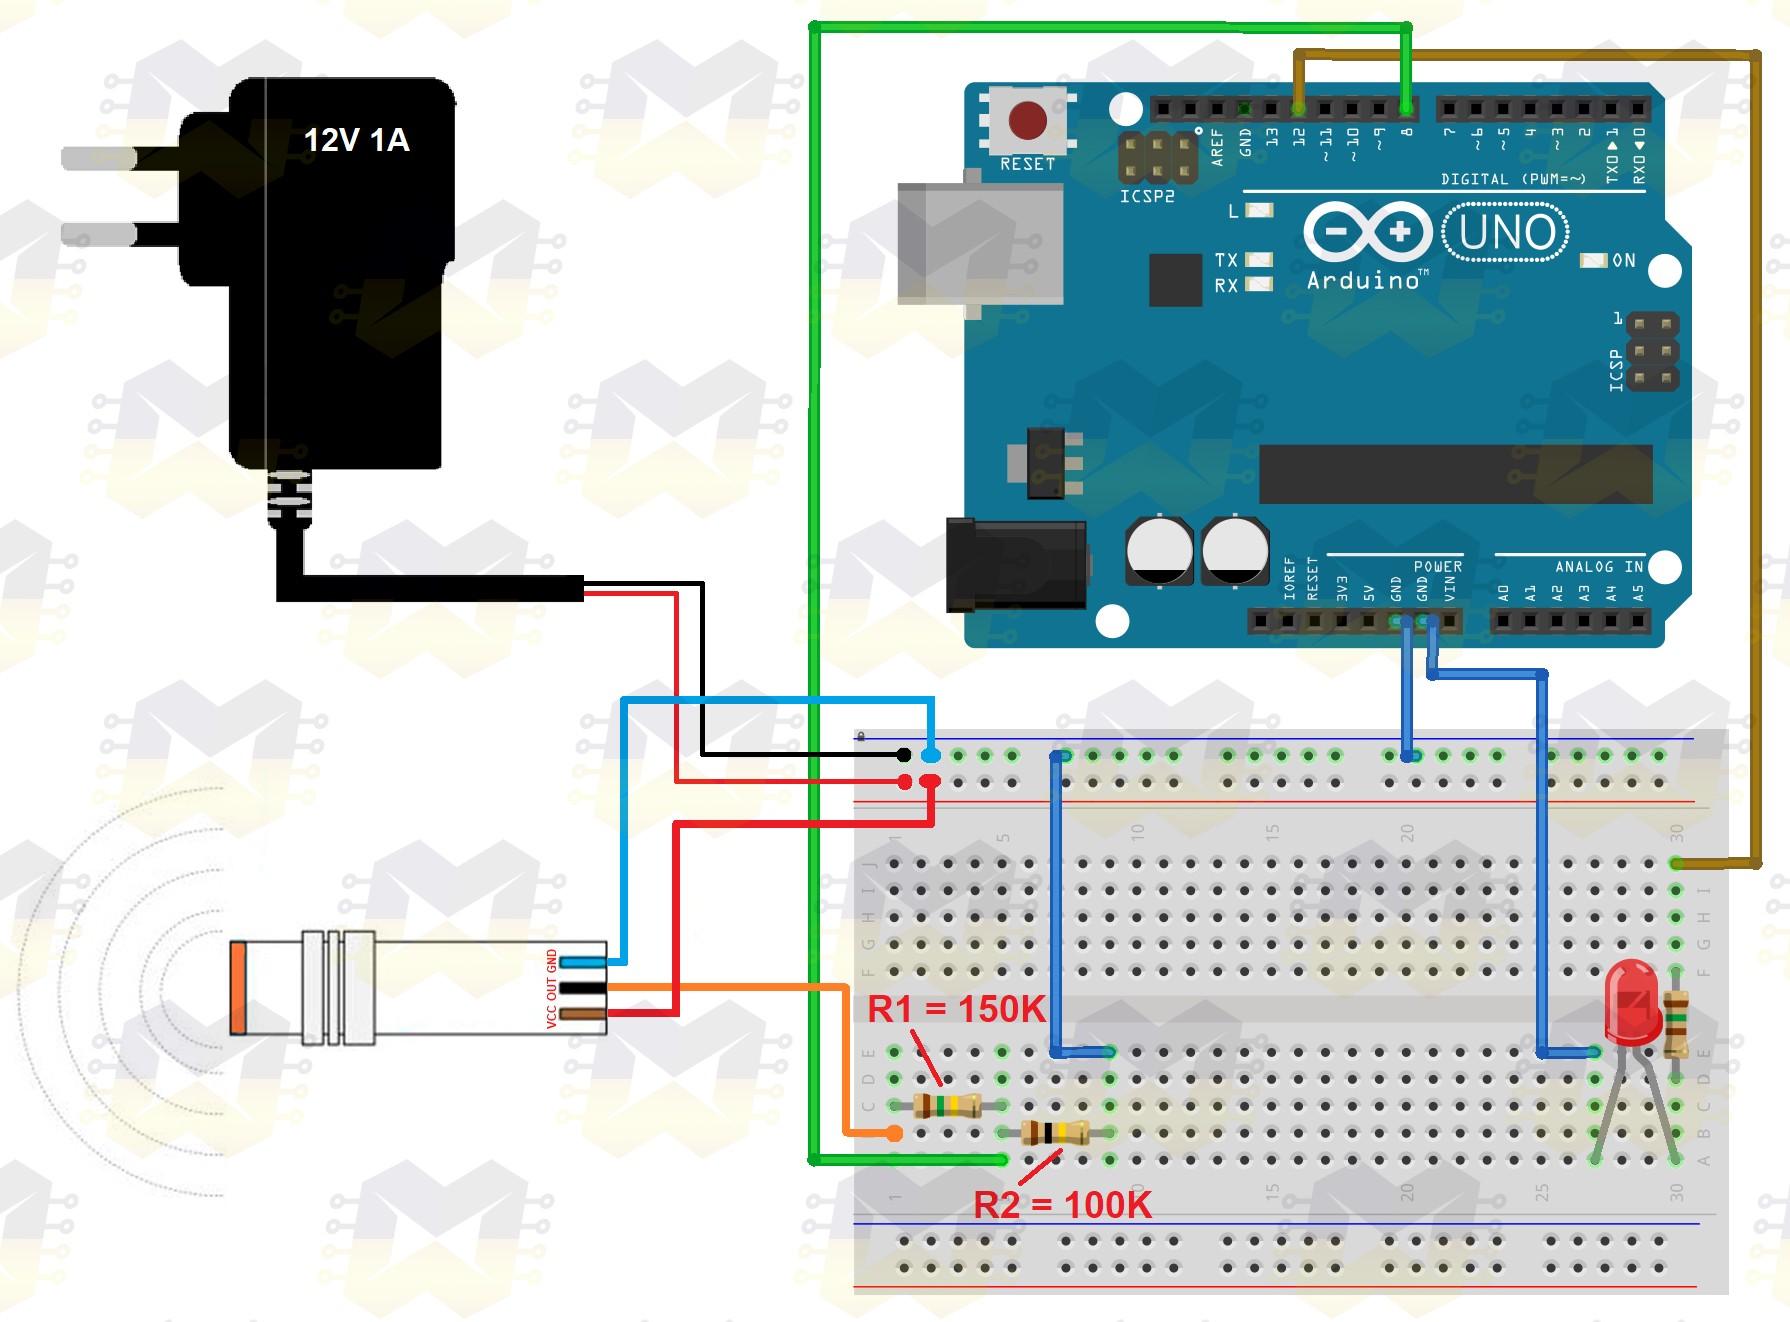 img02_como_usar_com_arduino_sensor_capacitivo_npn_de_proximidade_ljc18a3_h_z_bx_cnc_3d